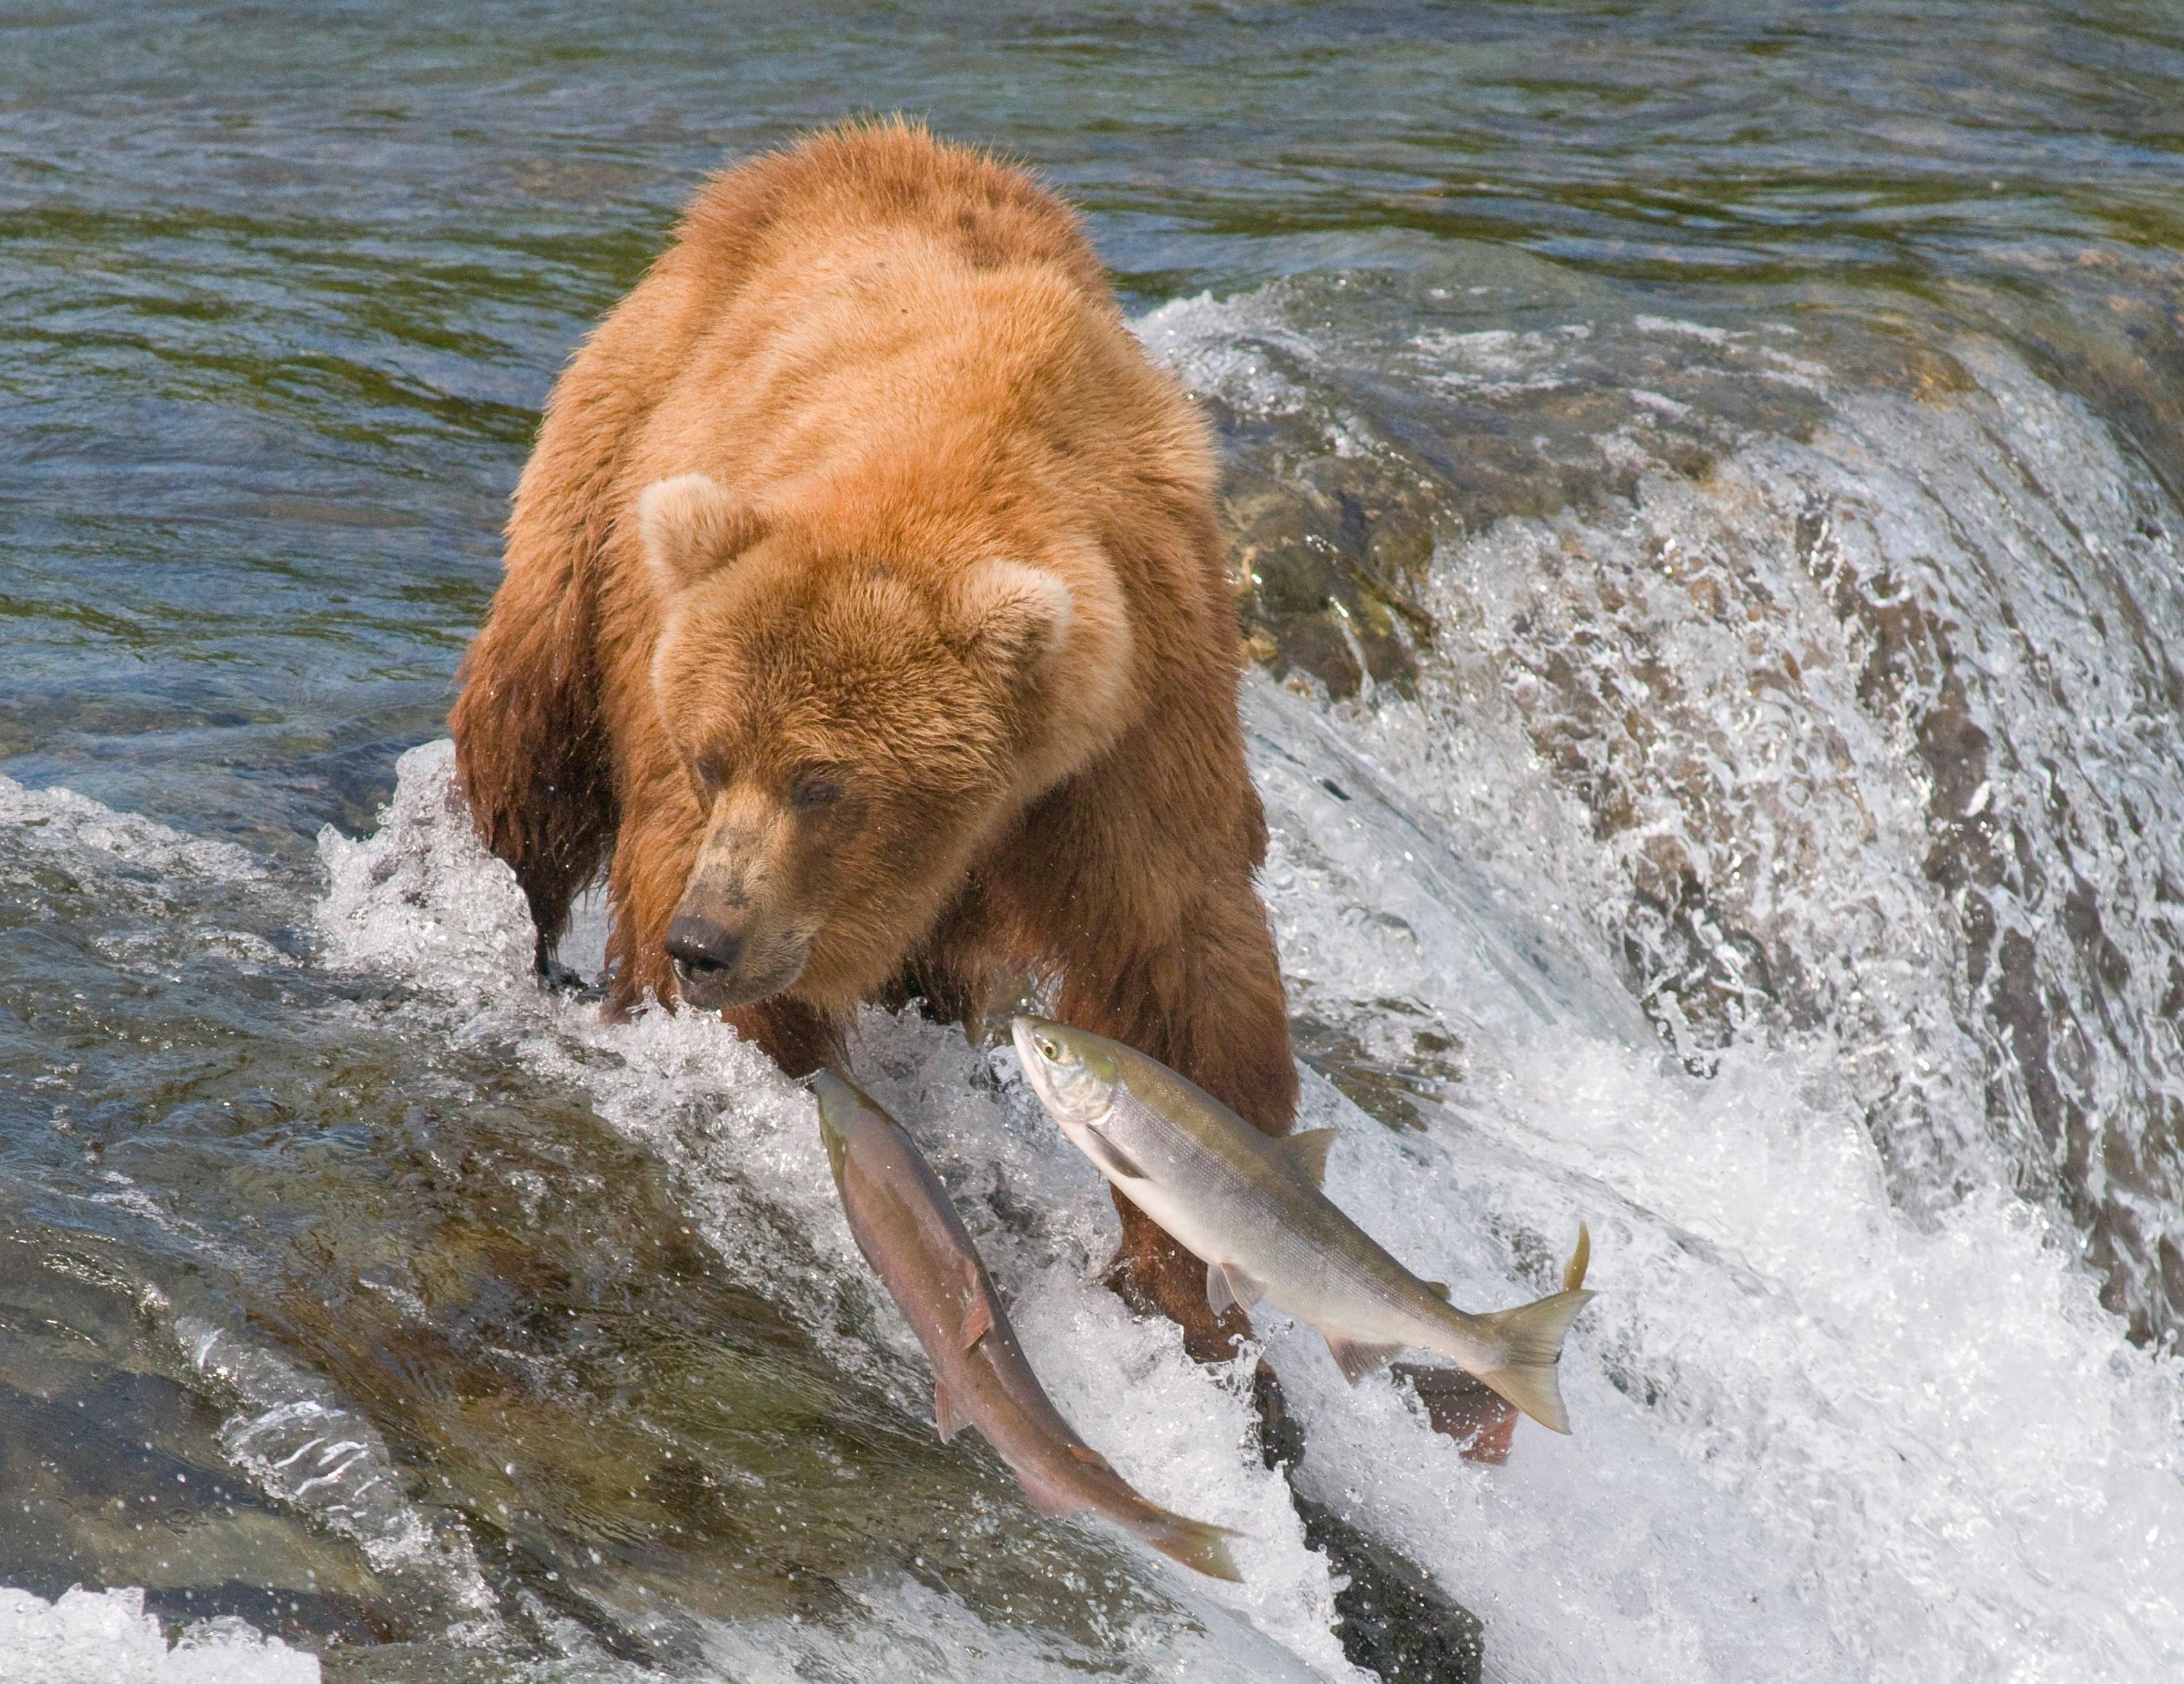 111835 Заставки и Обои Рыбы на телефон. Скачать Рыбы, Животные, Вода, Река, Медведь, Ловля картинки бесплатно